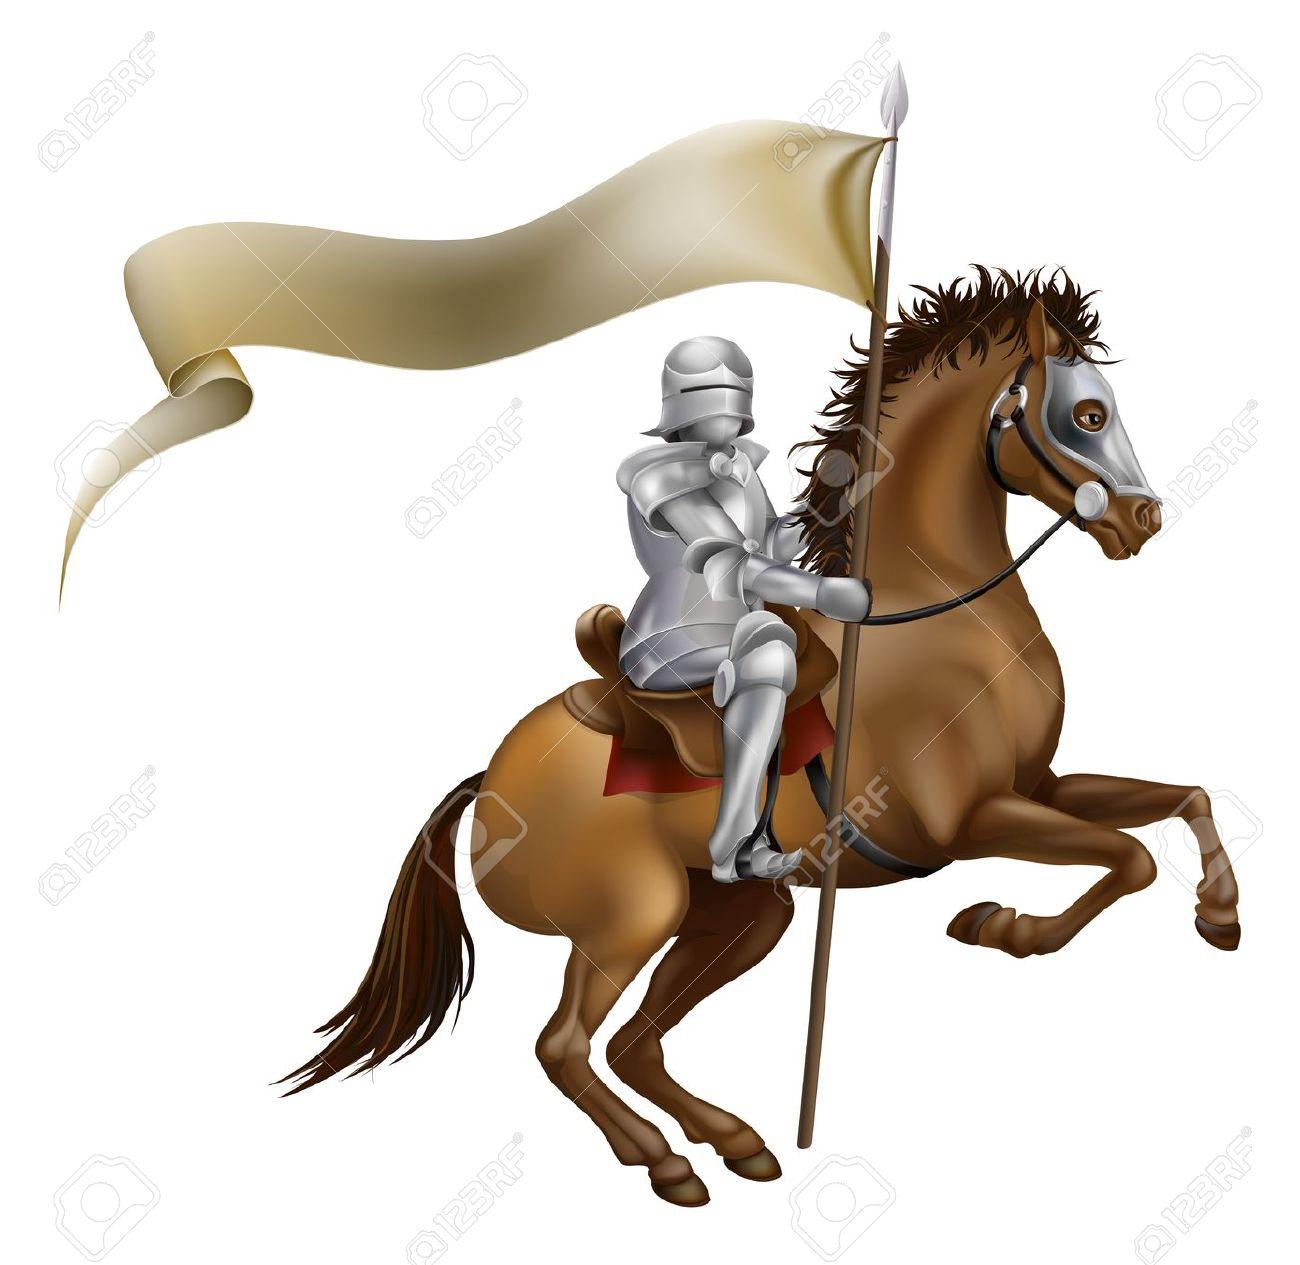 En Riddare Med Spjut Och Banner Monterad På En Kraftig Häst.